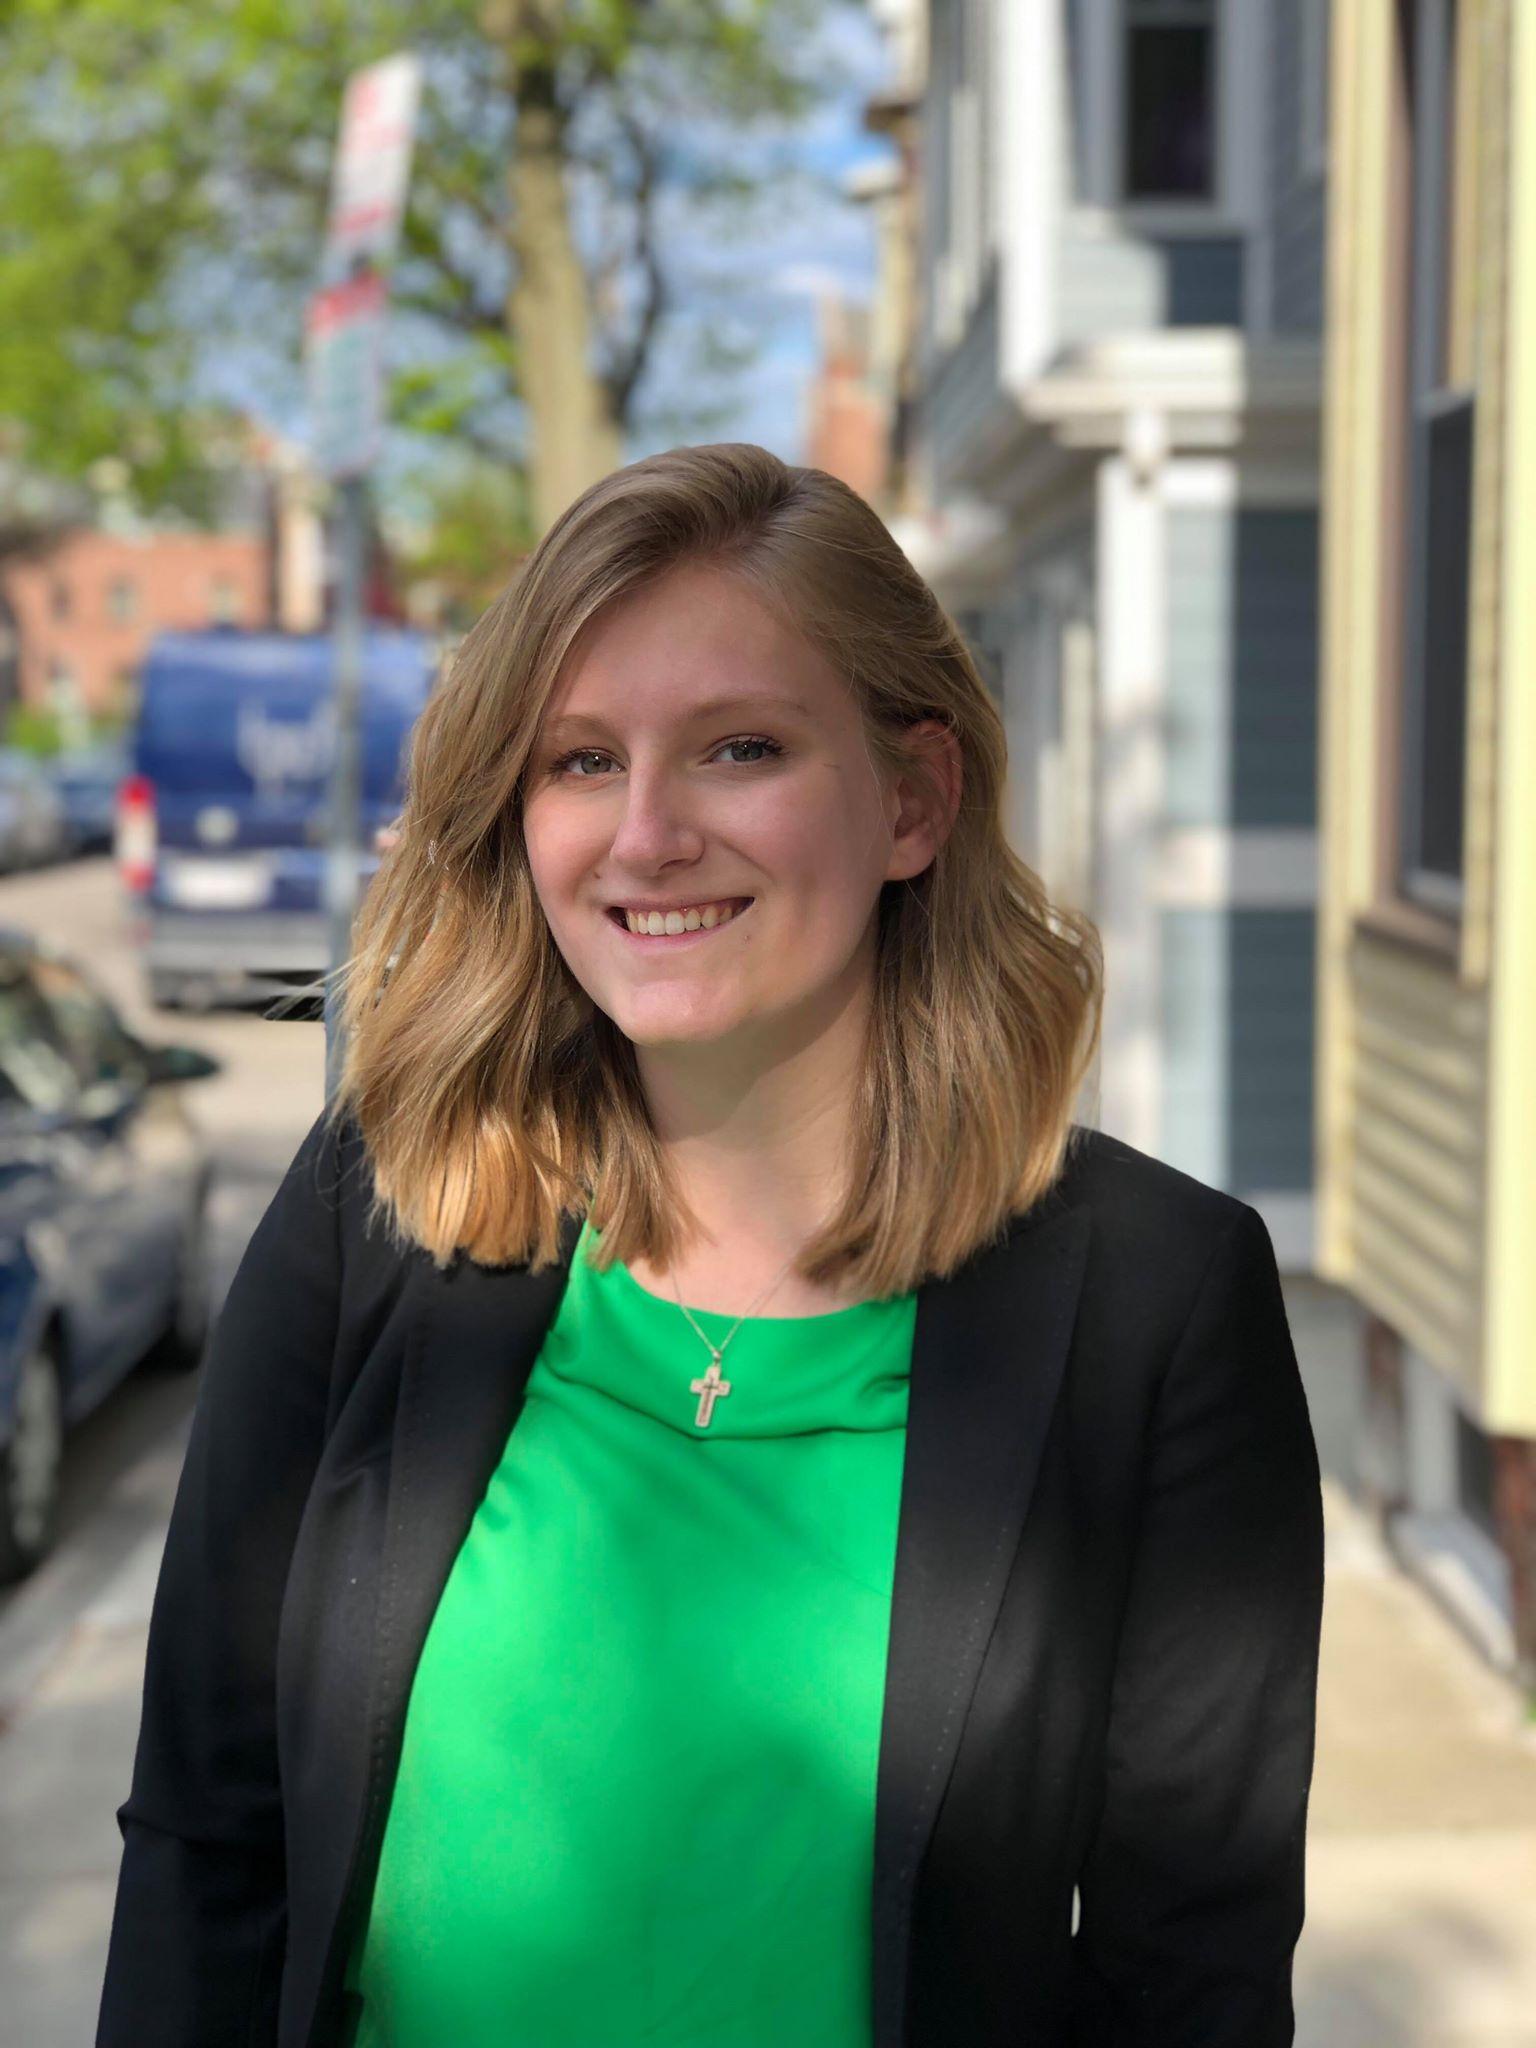 Abigail Leblanc - Vice Chair